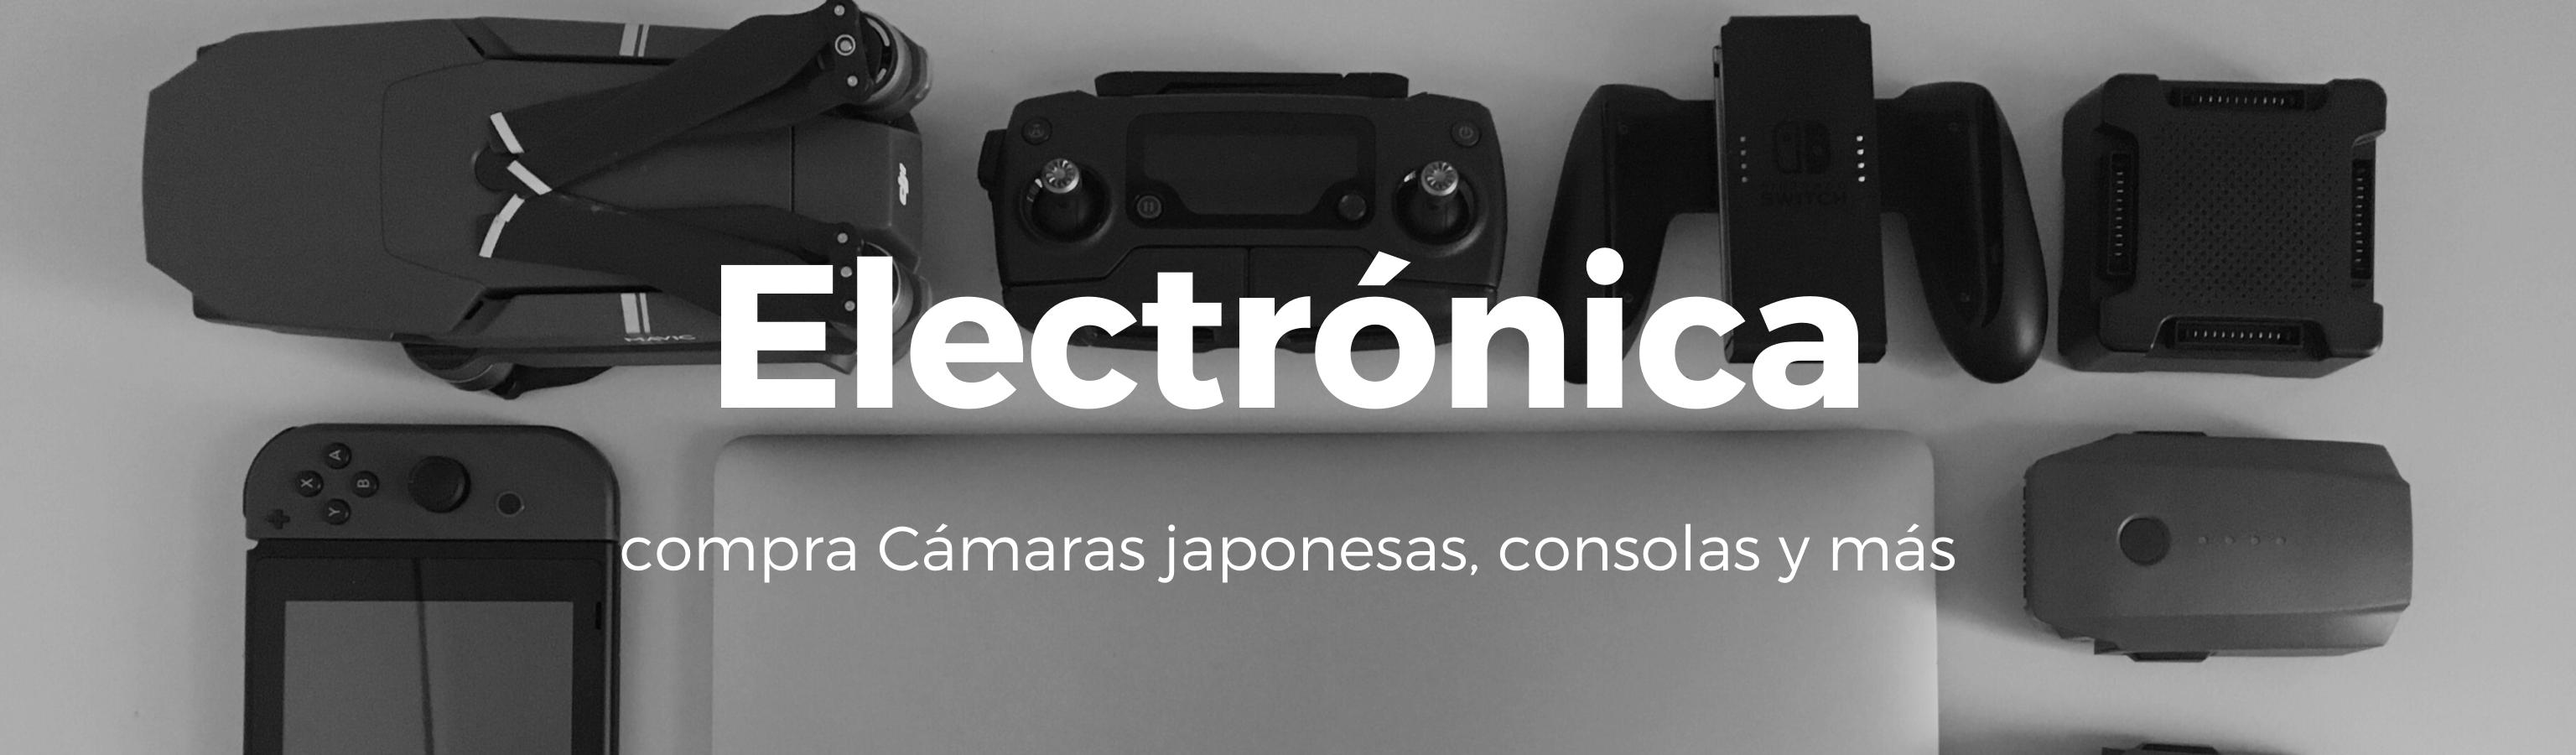 ¡Compra productos electrónicos de Japón ahora!